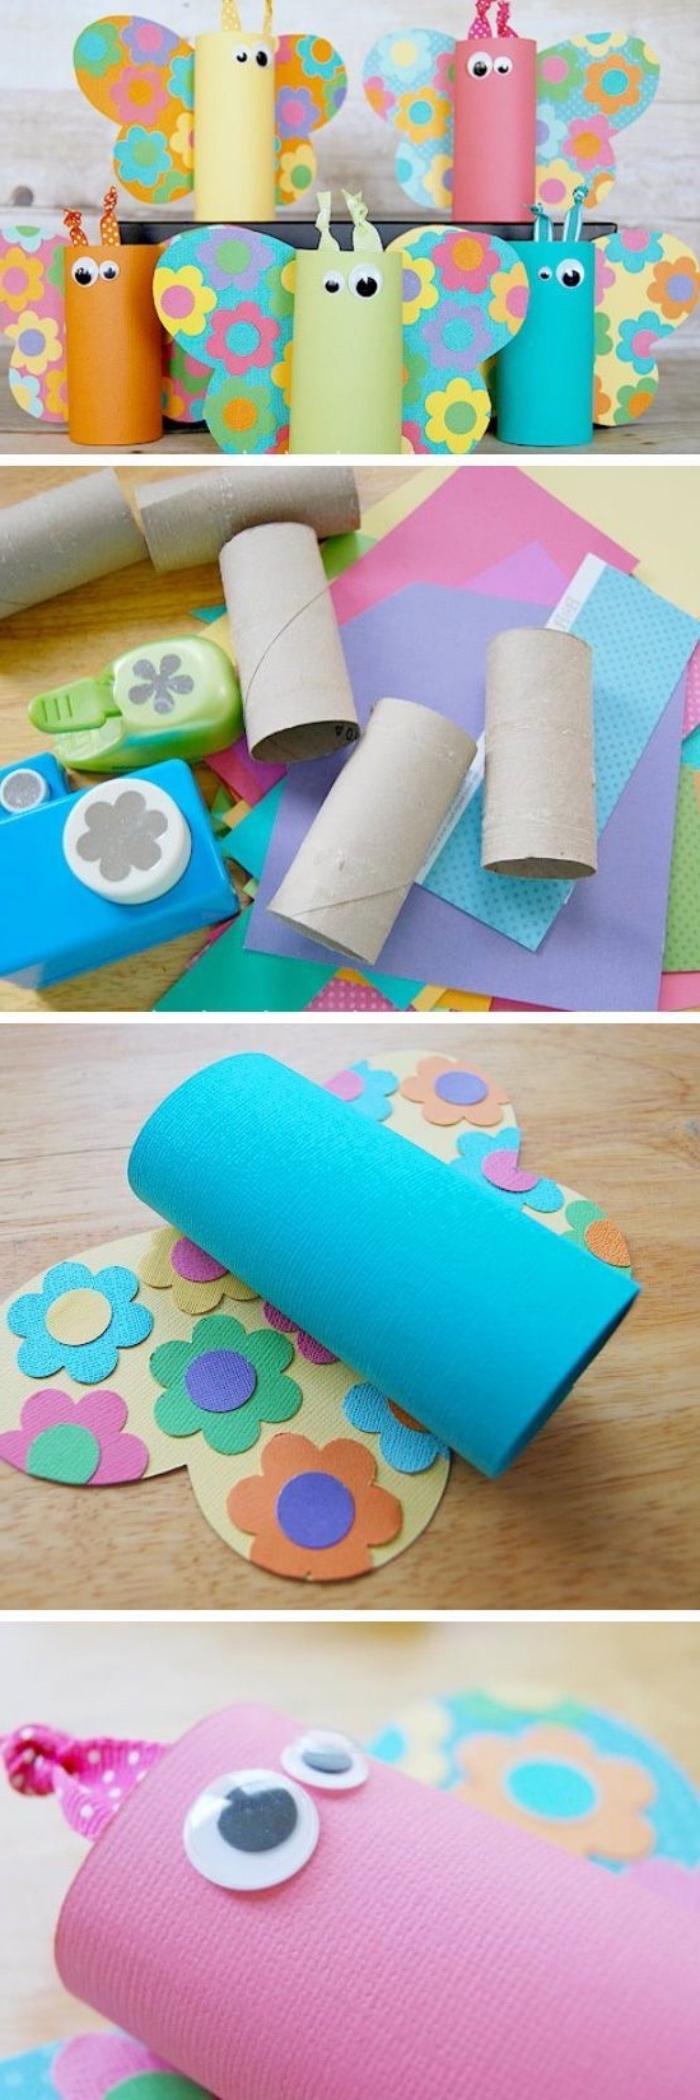 projet de bricolage enfant maternelle primaire, rouleau de papier toilette repeint, des ailes en papier motifs fleurs, activités manuelles enfant